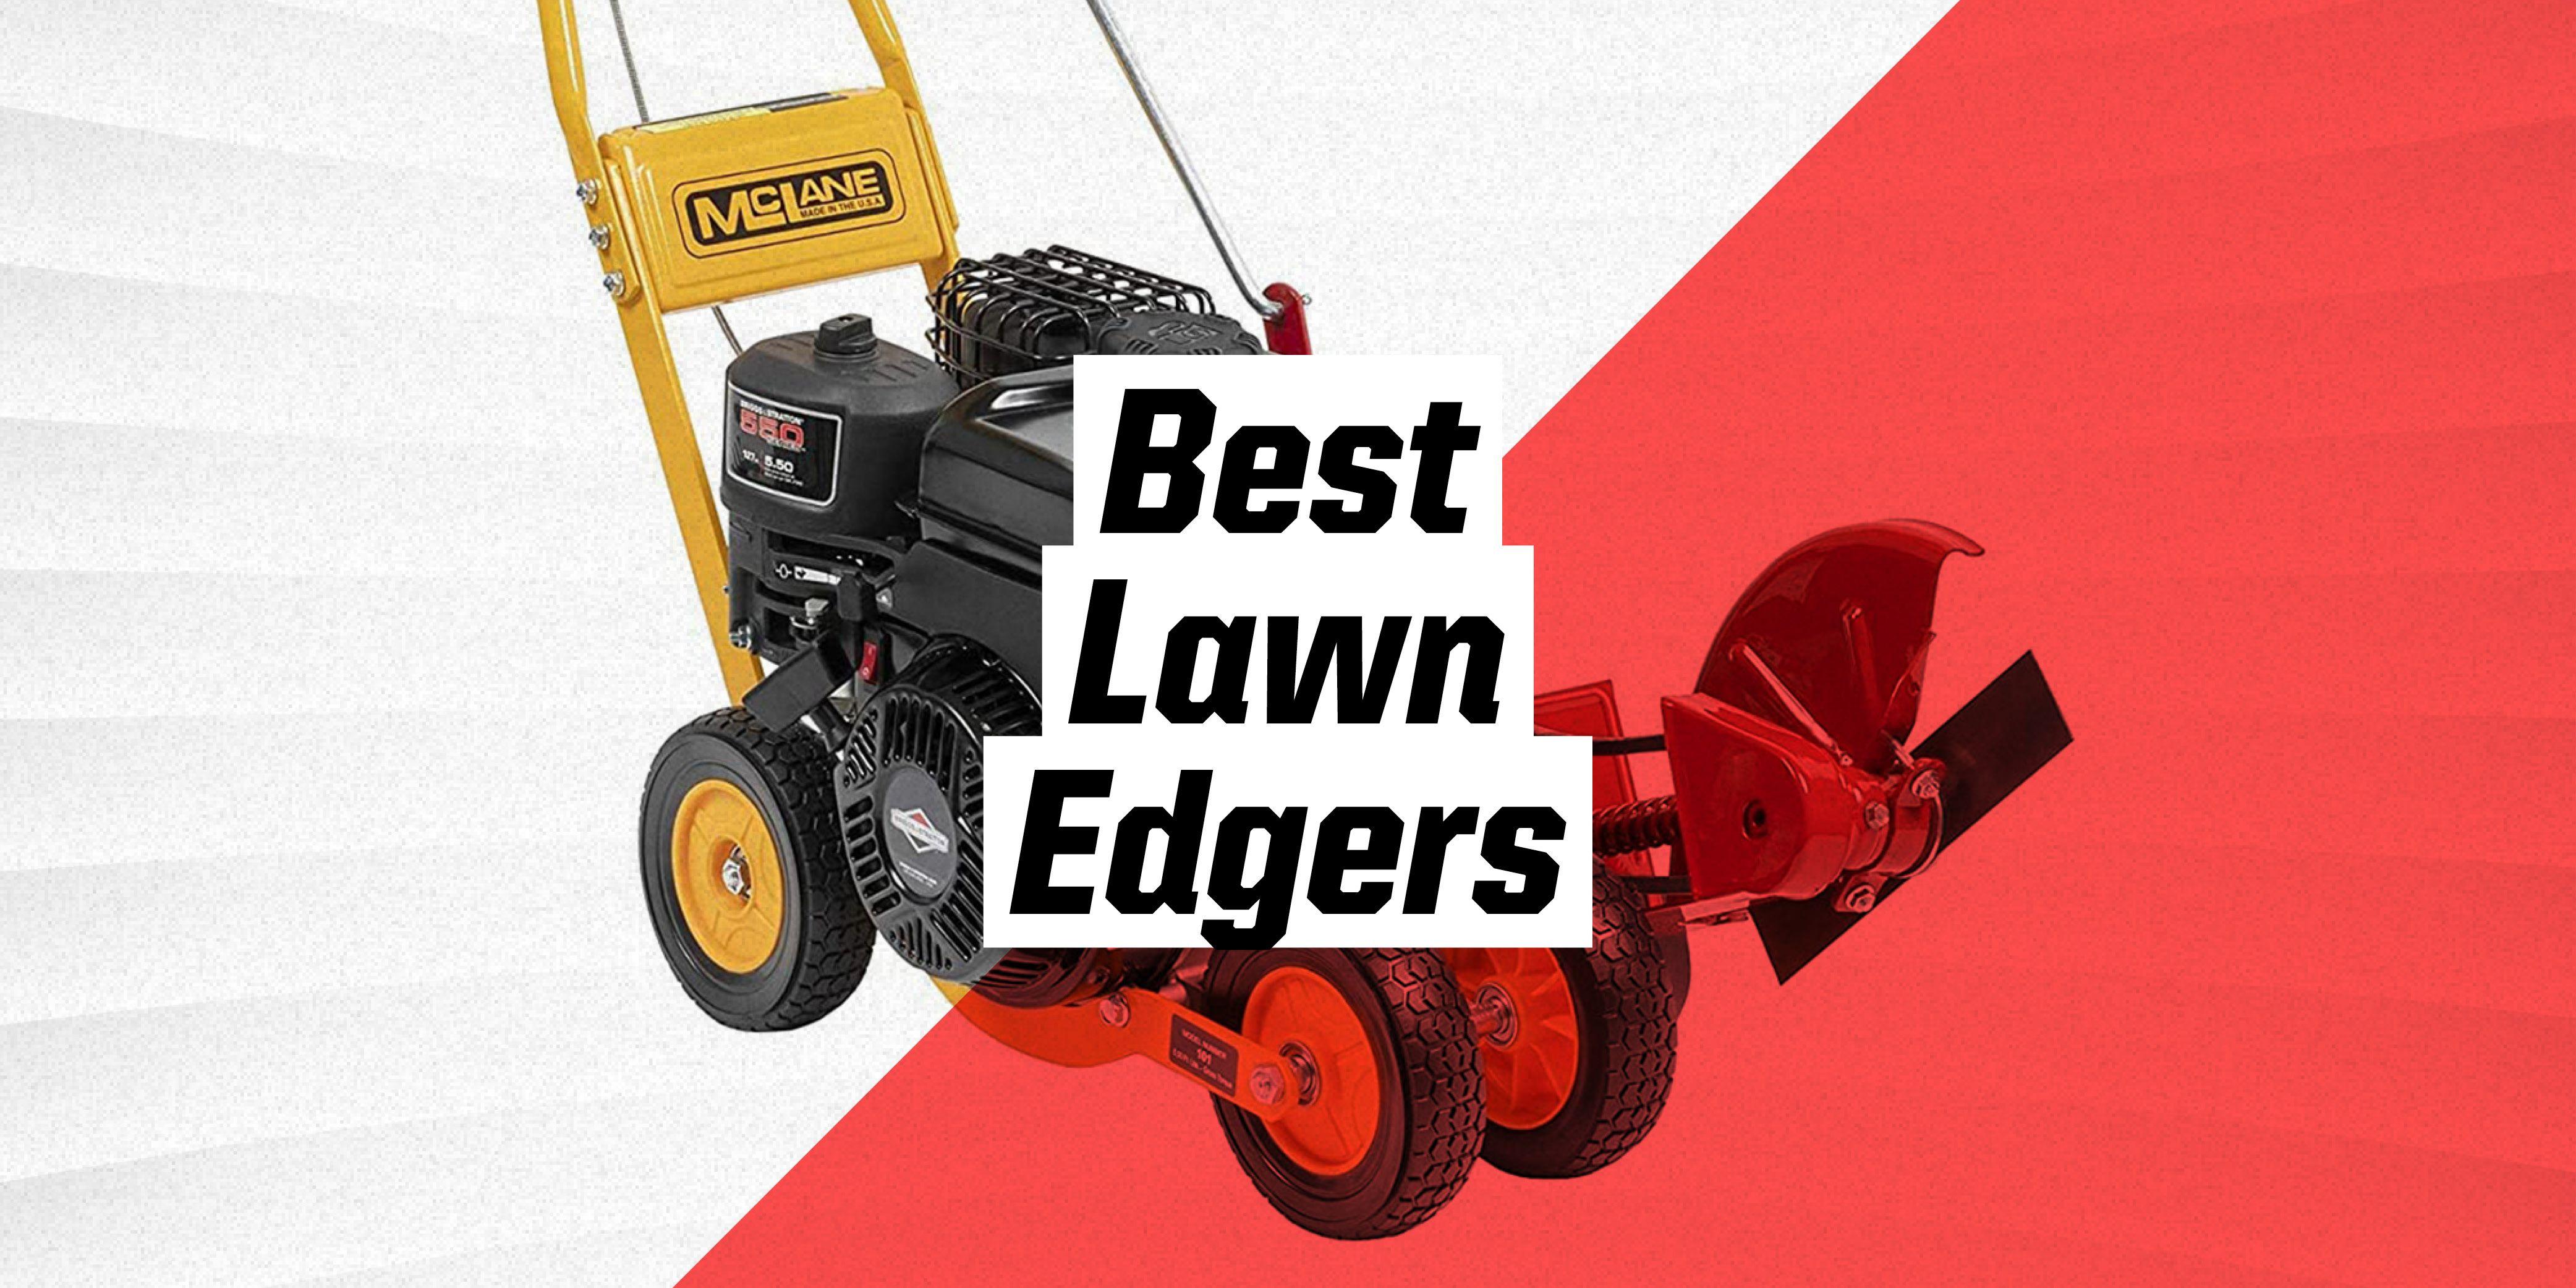 The Best Lawn Edgers for a Crisp Landscape